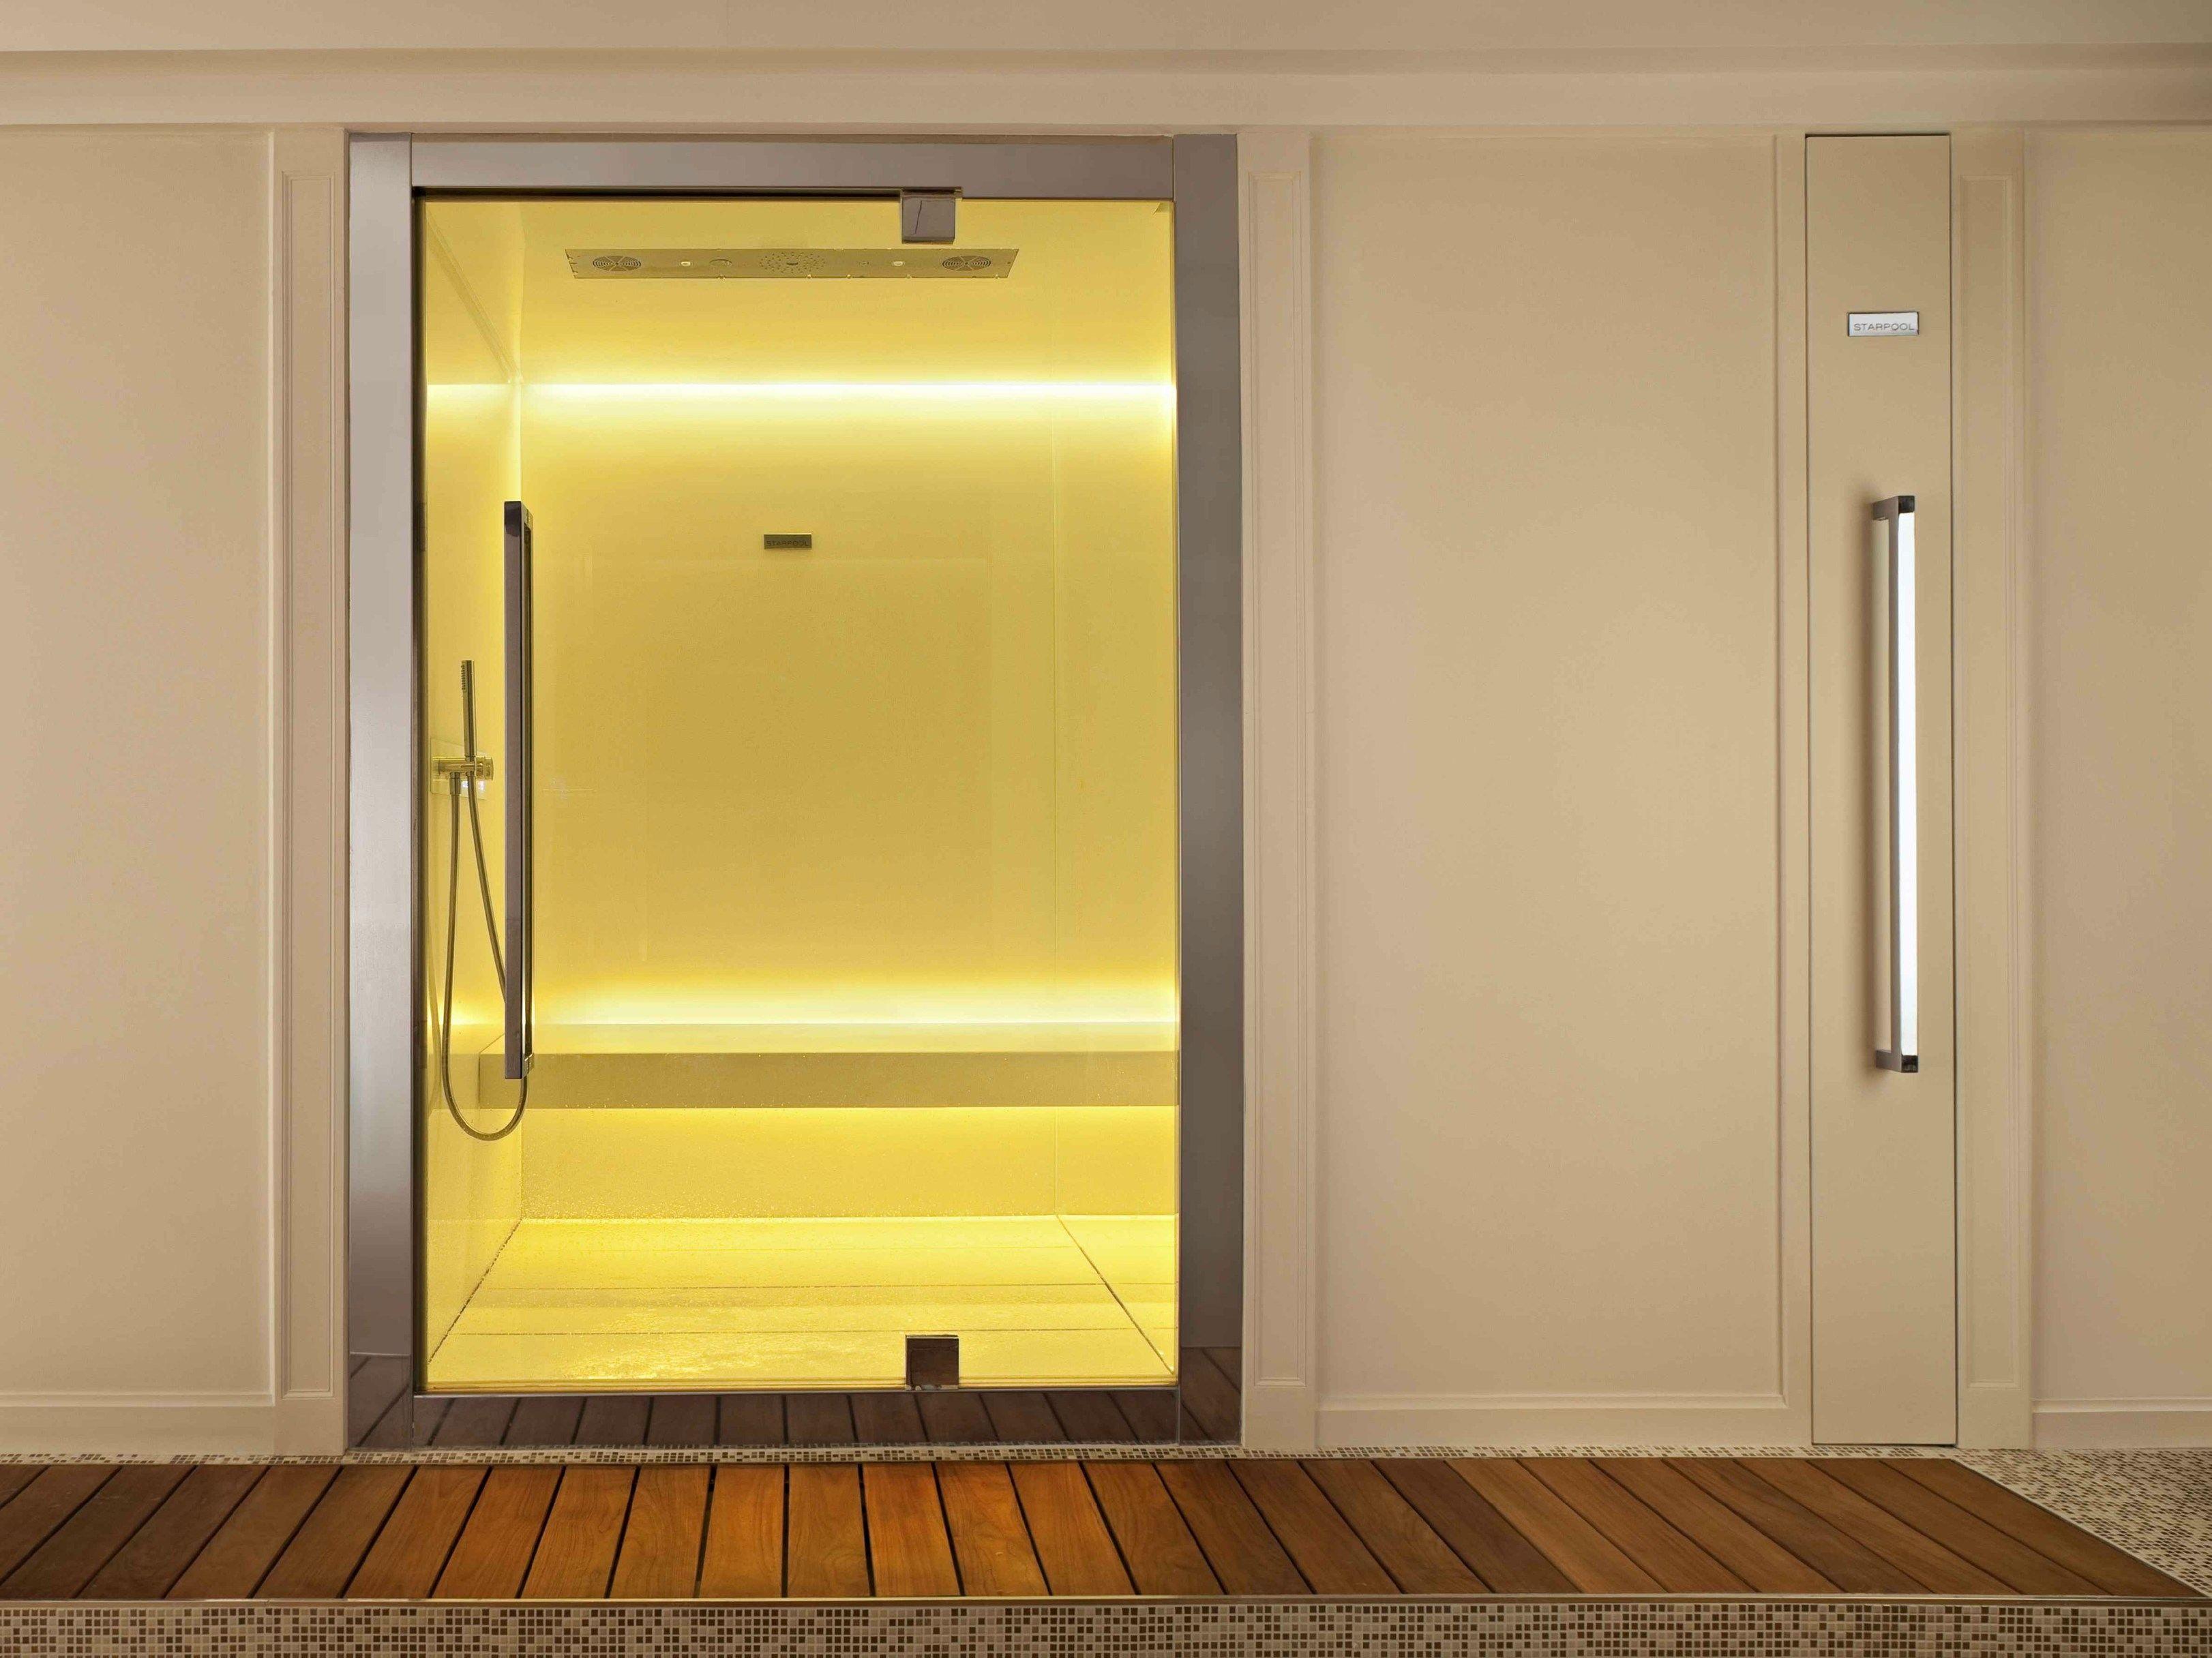 Bagno turco per cromoterapia con doccia sweet spa xl by starpool design cristiano mino - Bagno con doccia ...